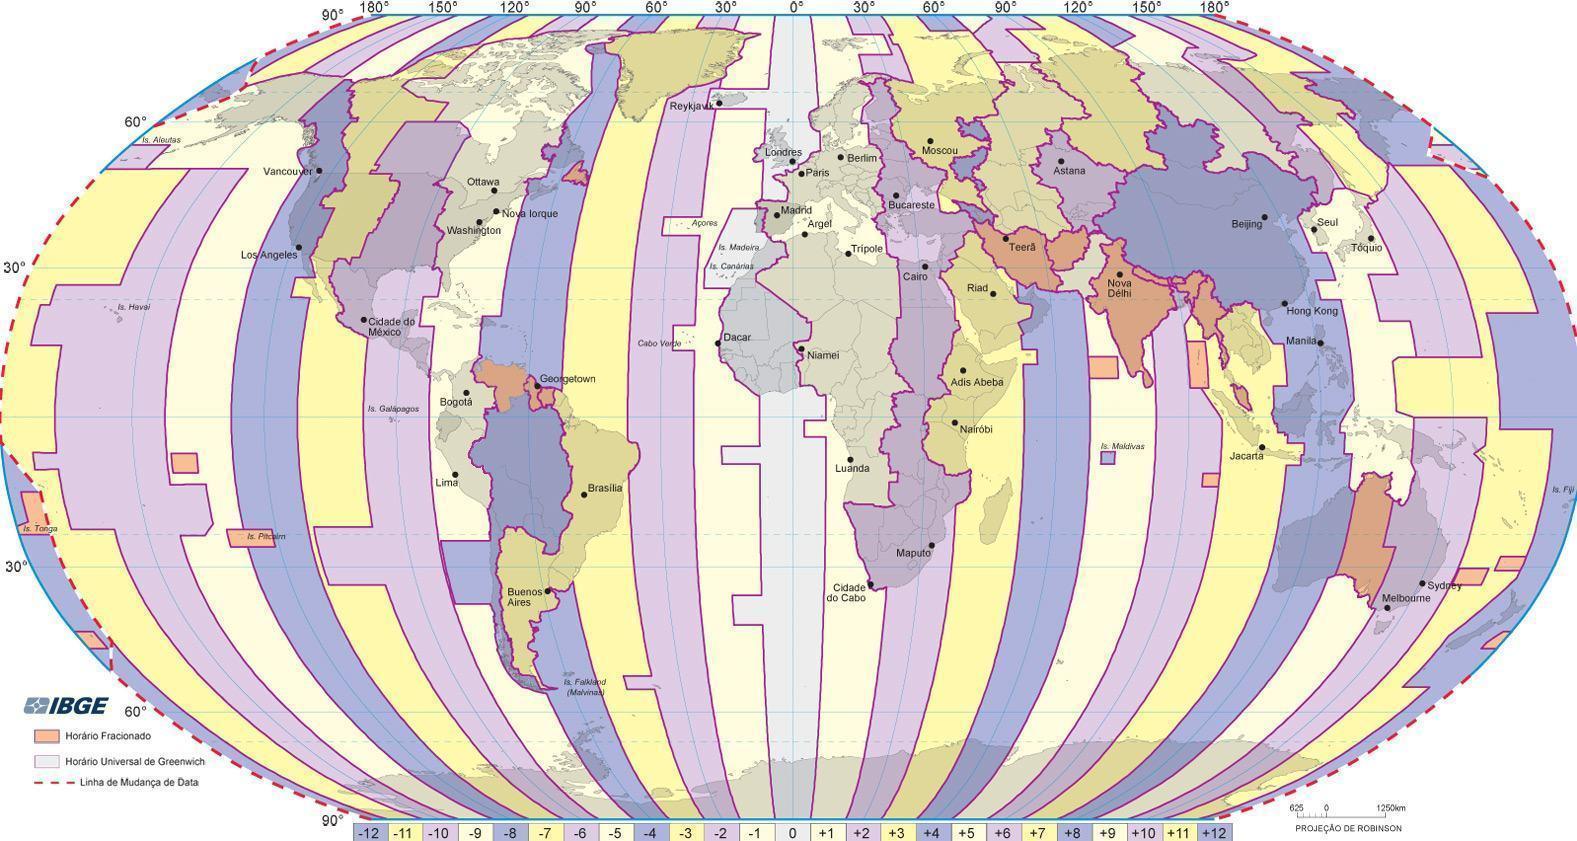 Fusos horários do mundo